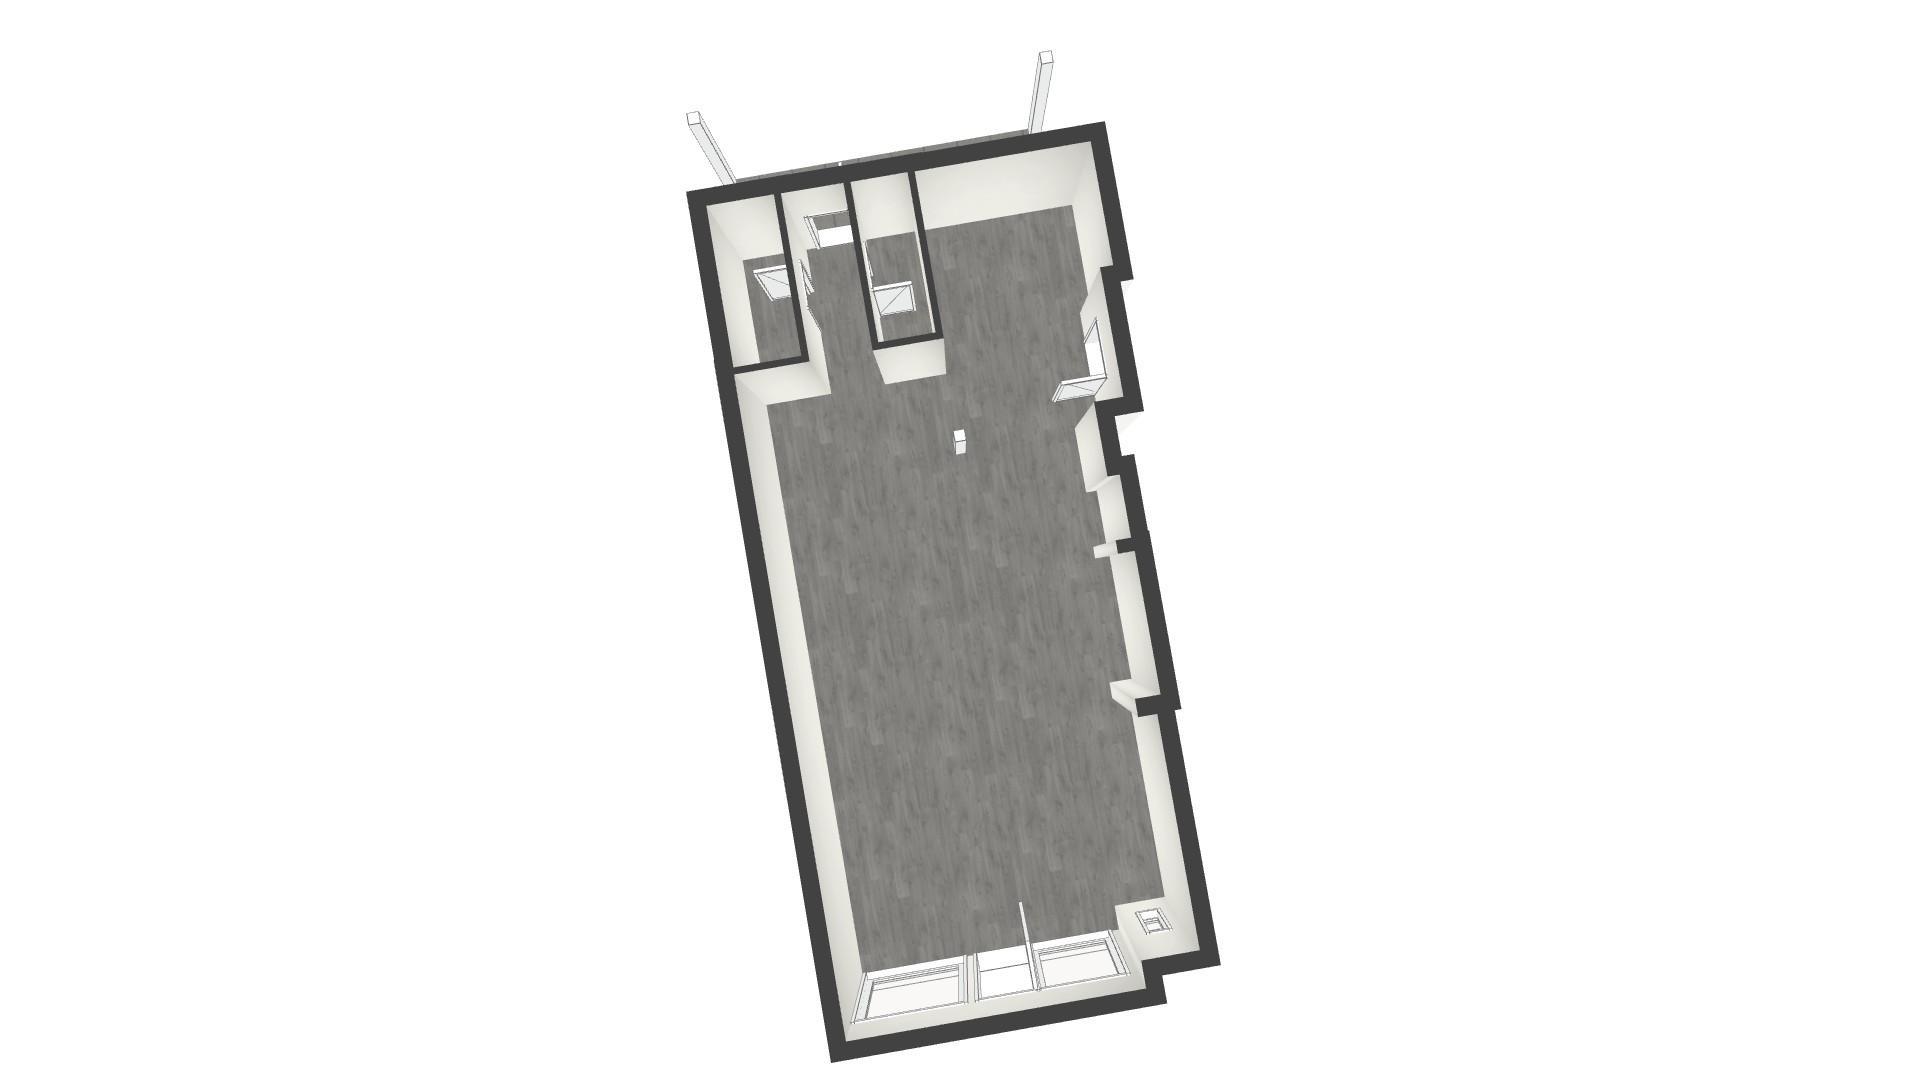 DUEÑO VENDE - Espacio para convertir en Loft, PH, Local, Consultorios, etc. - Foto 15